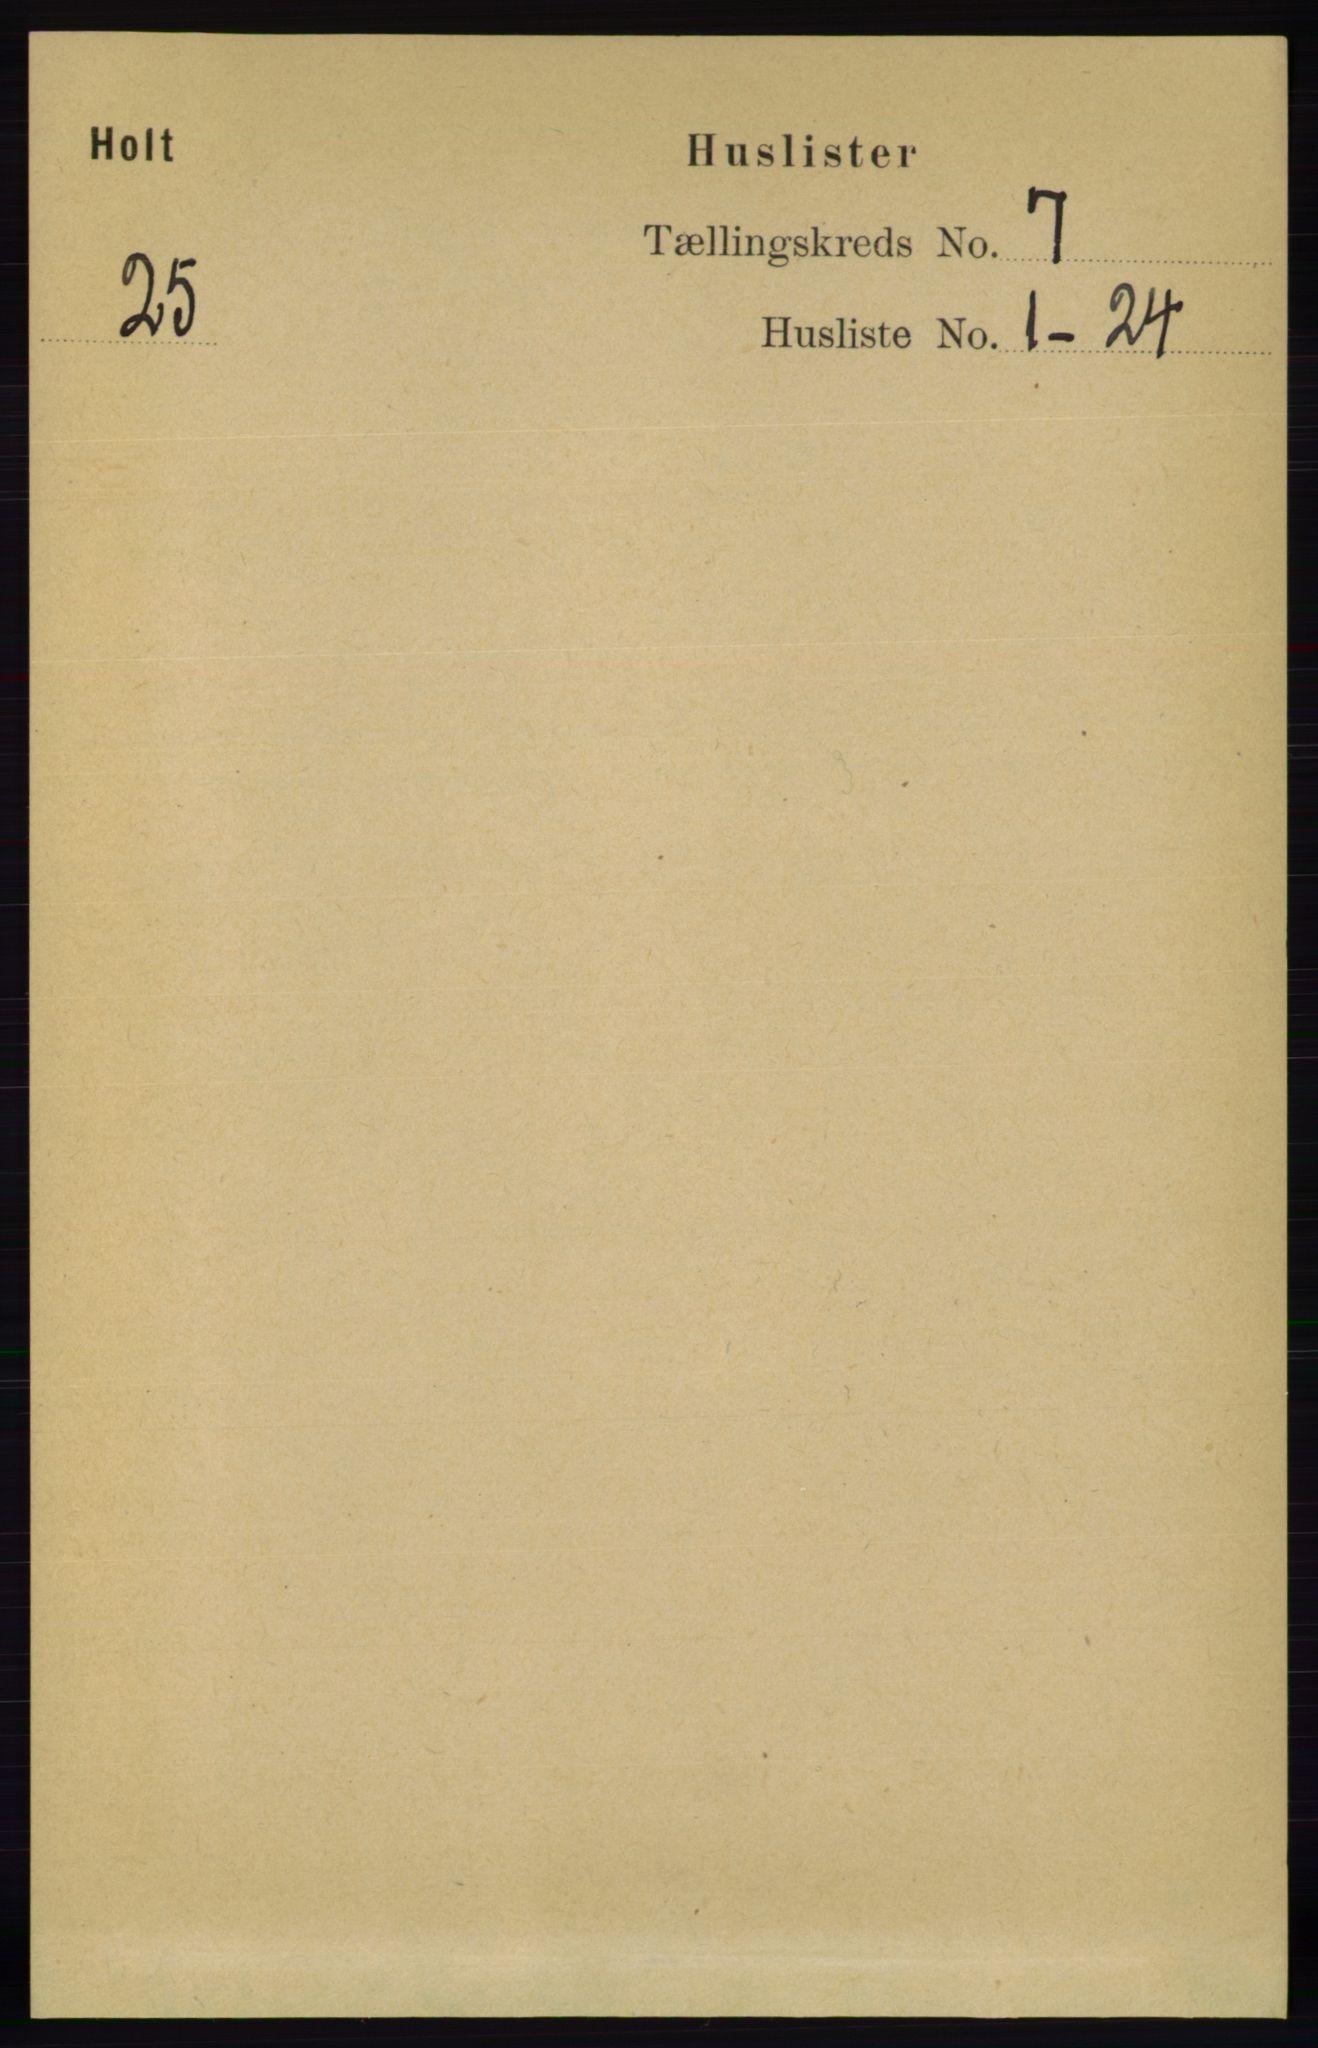 RA, Folketelling 1891 for 0914 Holt herred, 1891, s. 3294